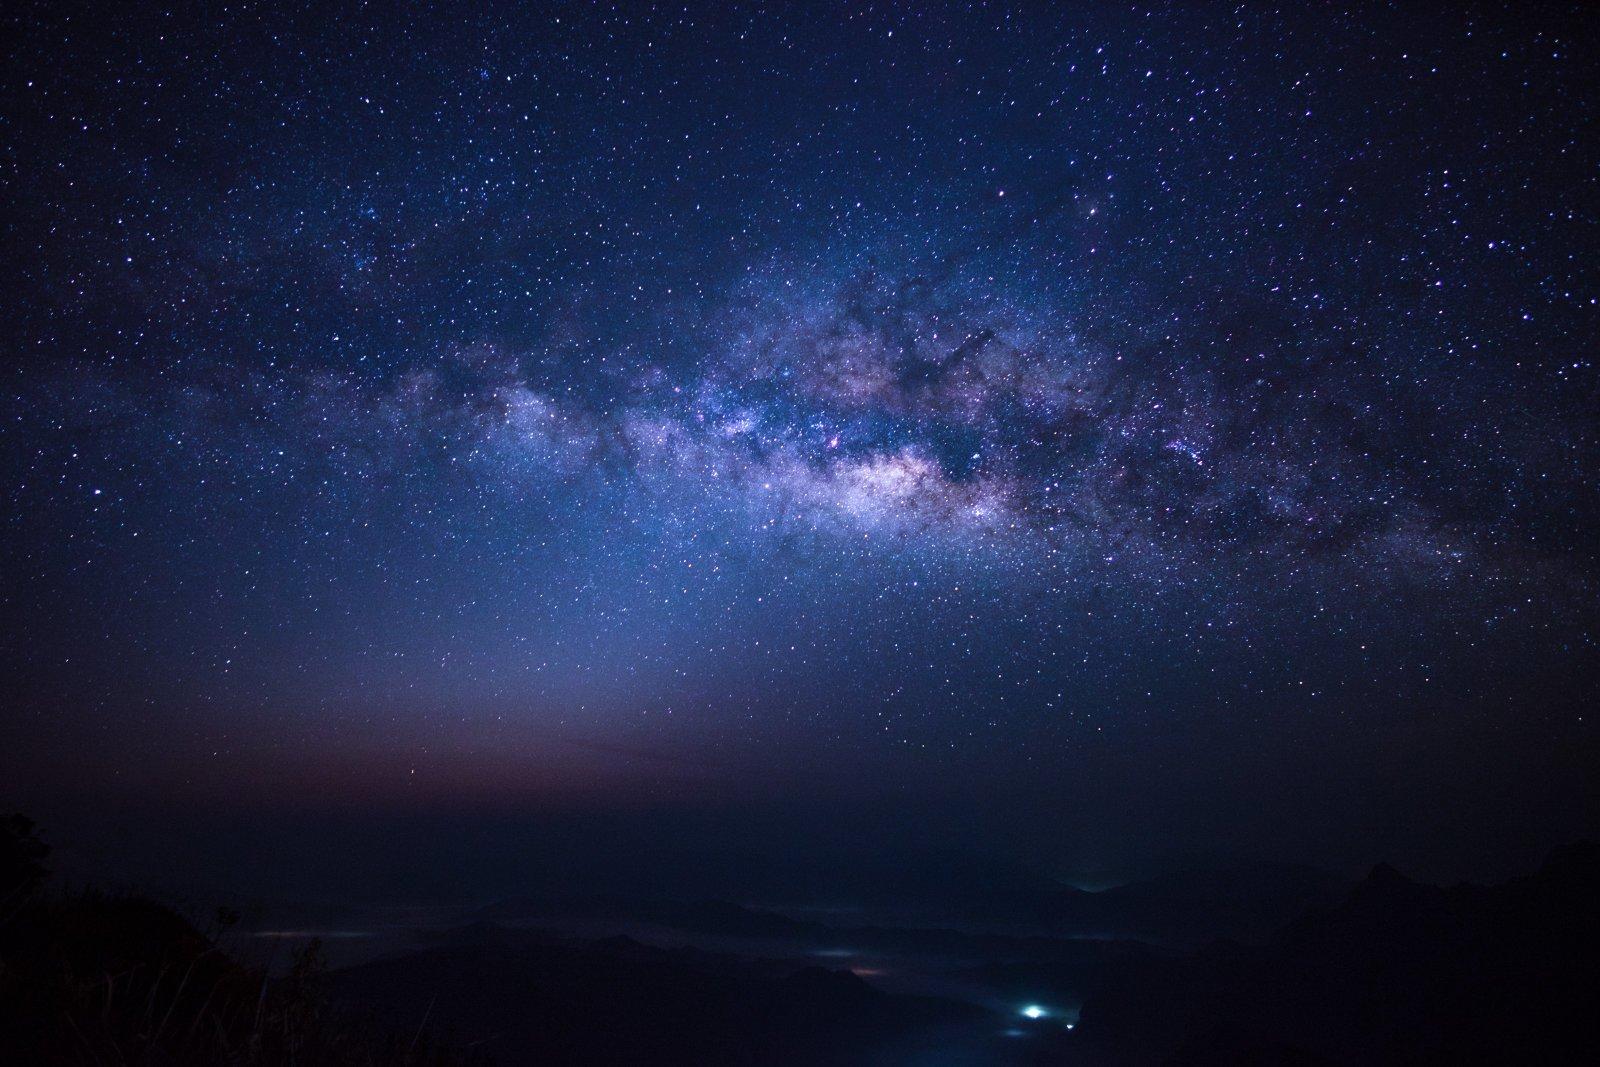 Управление большими телескопами хотят поручить маленьким спутникам